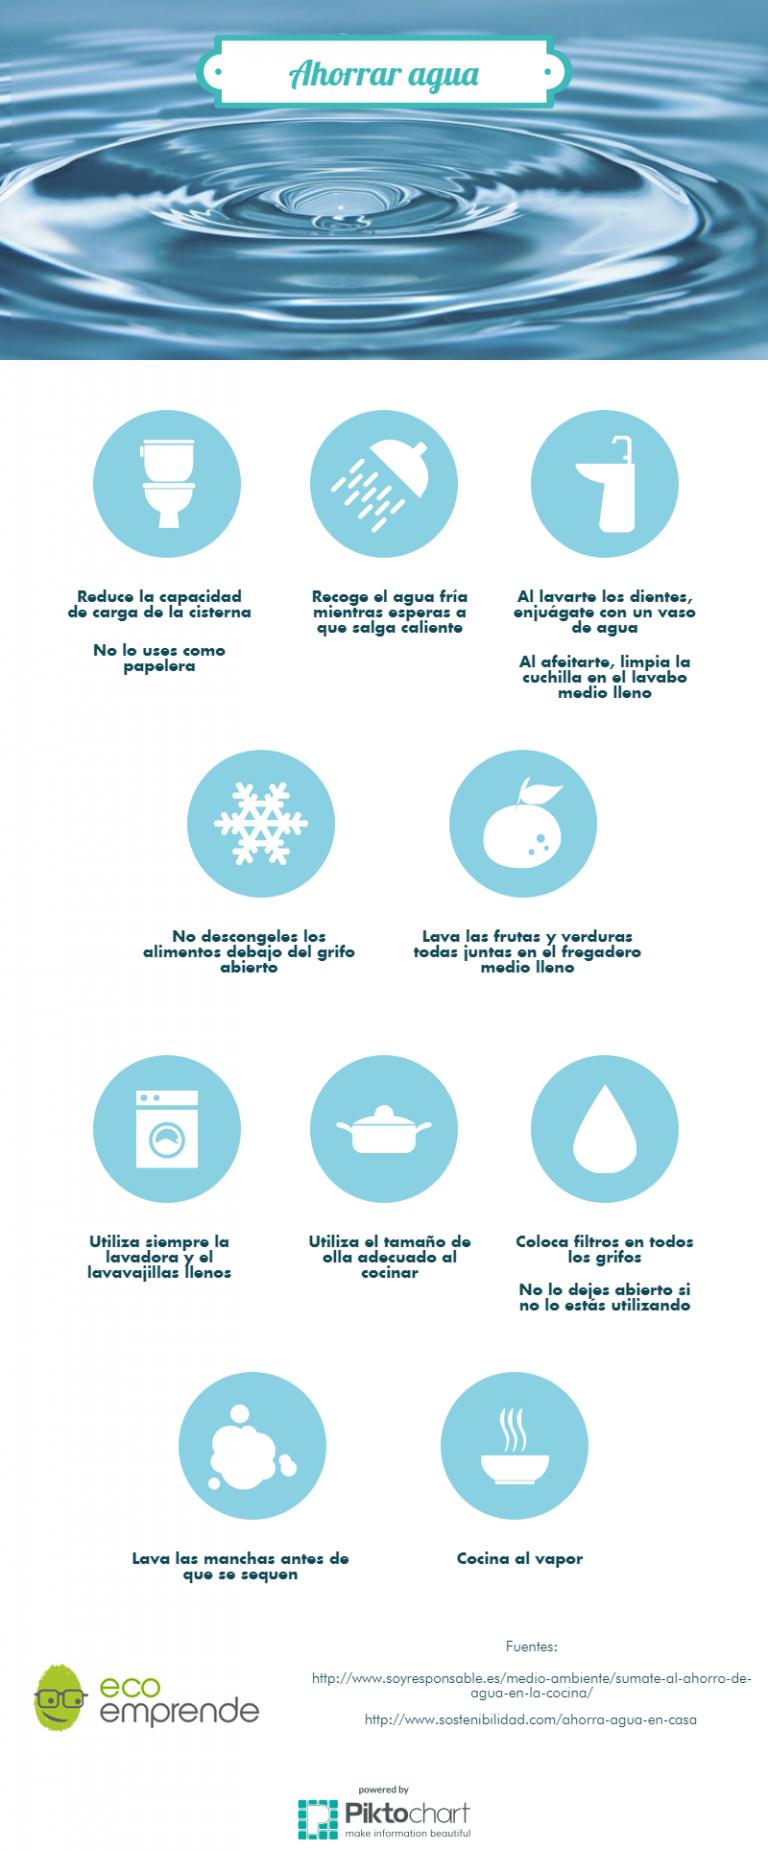 Ahorrar agua te ayuda a ahorrar dinero y ser sostenible - Trucos para ahorrar agua ...